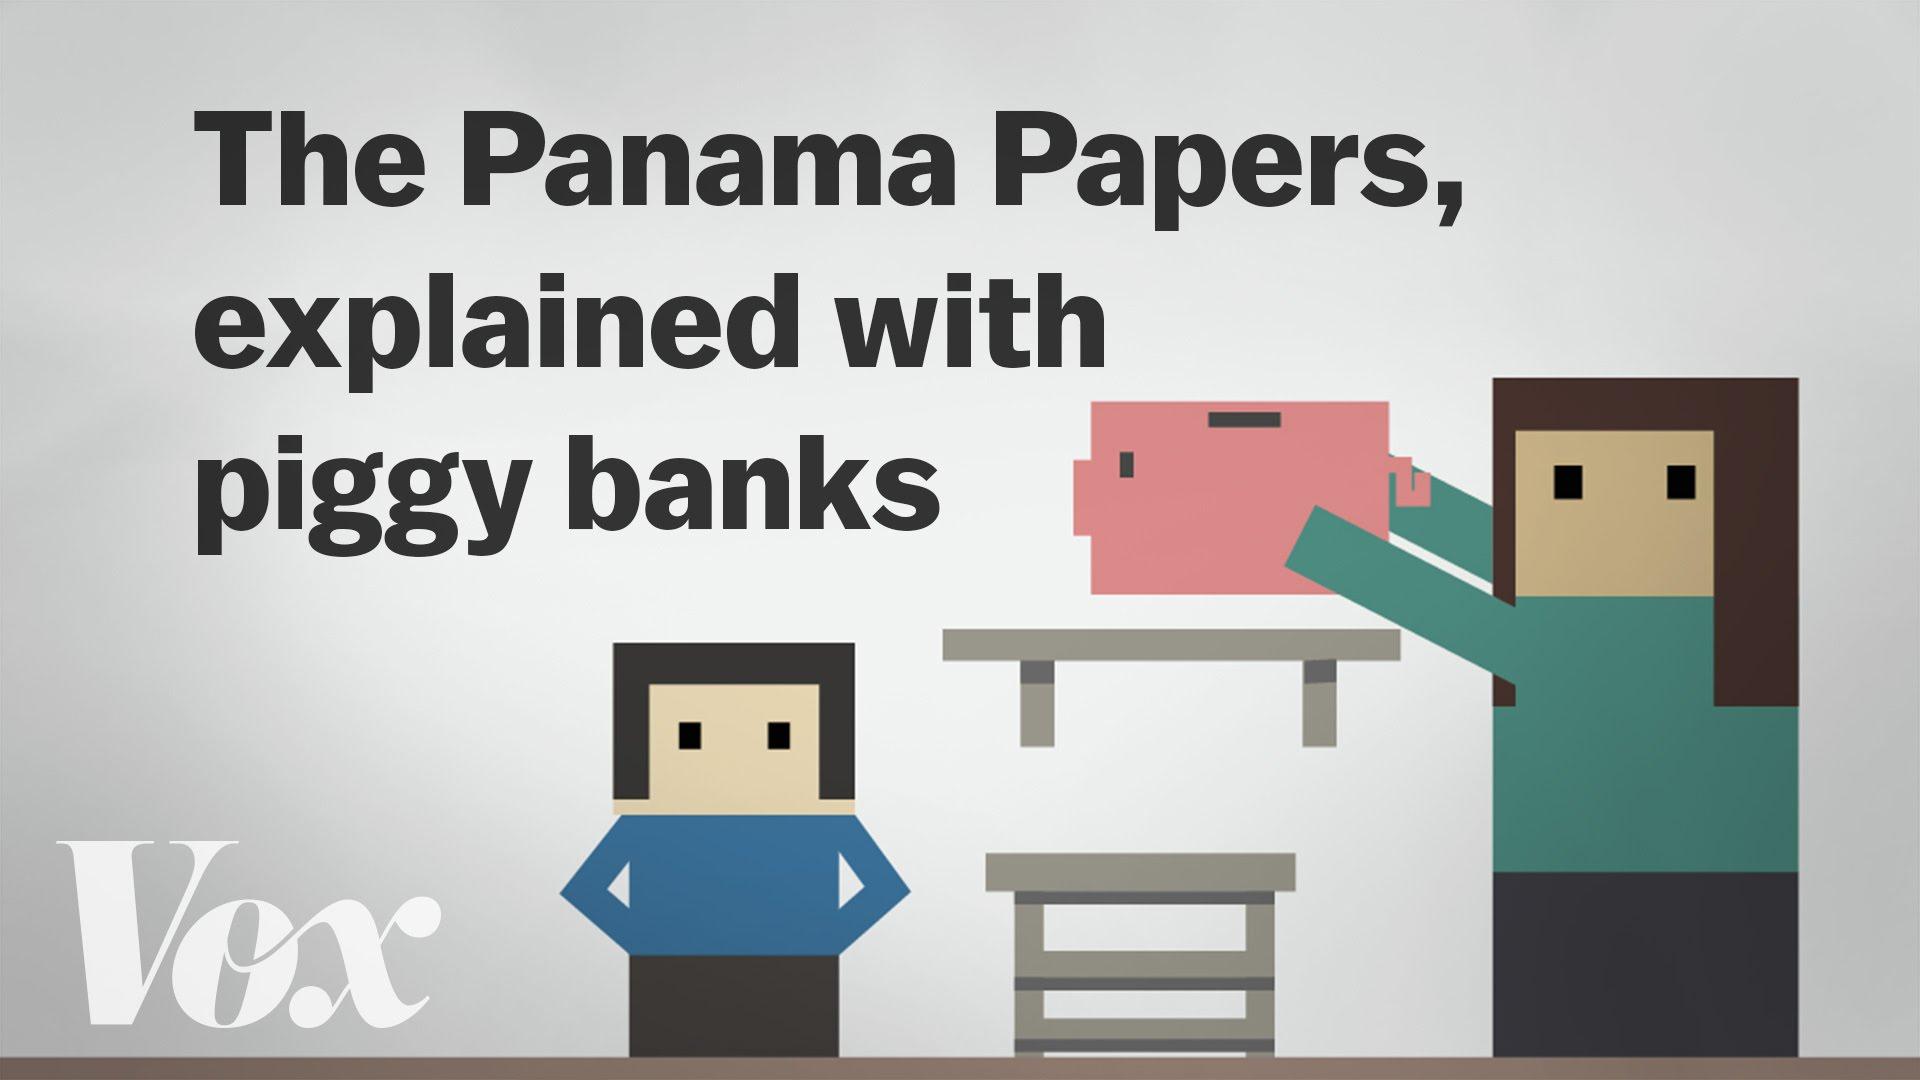 延燒全球的『巴拿馬文件』,小豬撲滿比喻讓你秒懂!